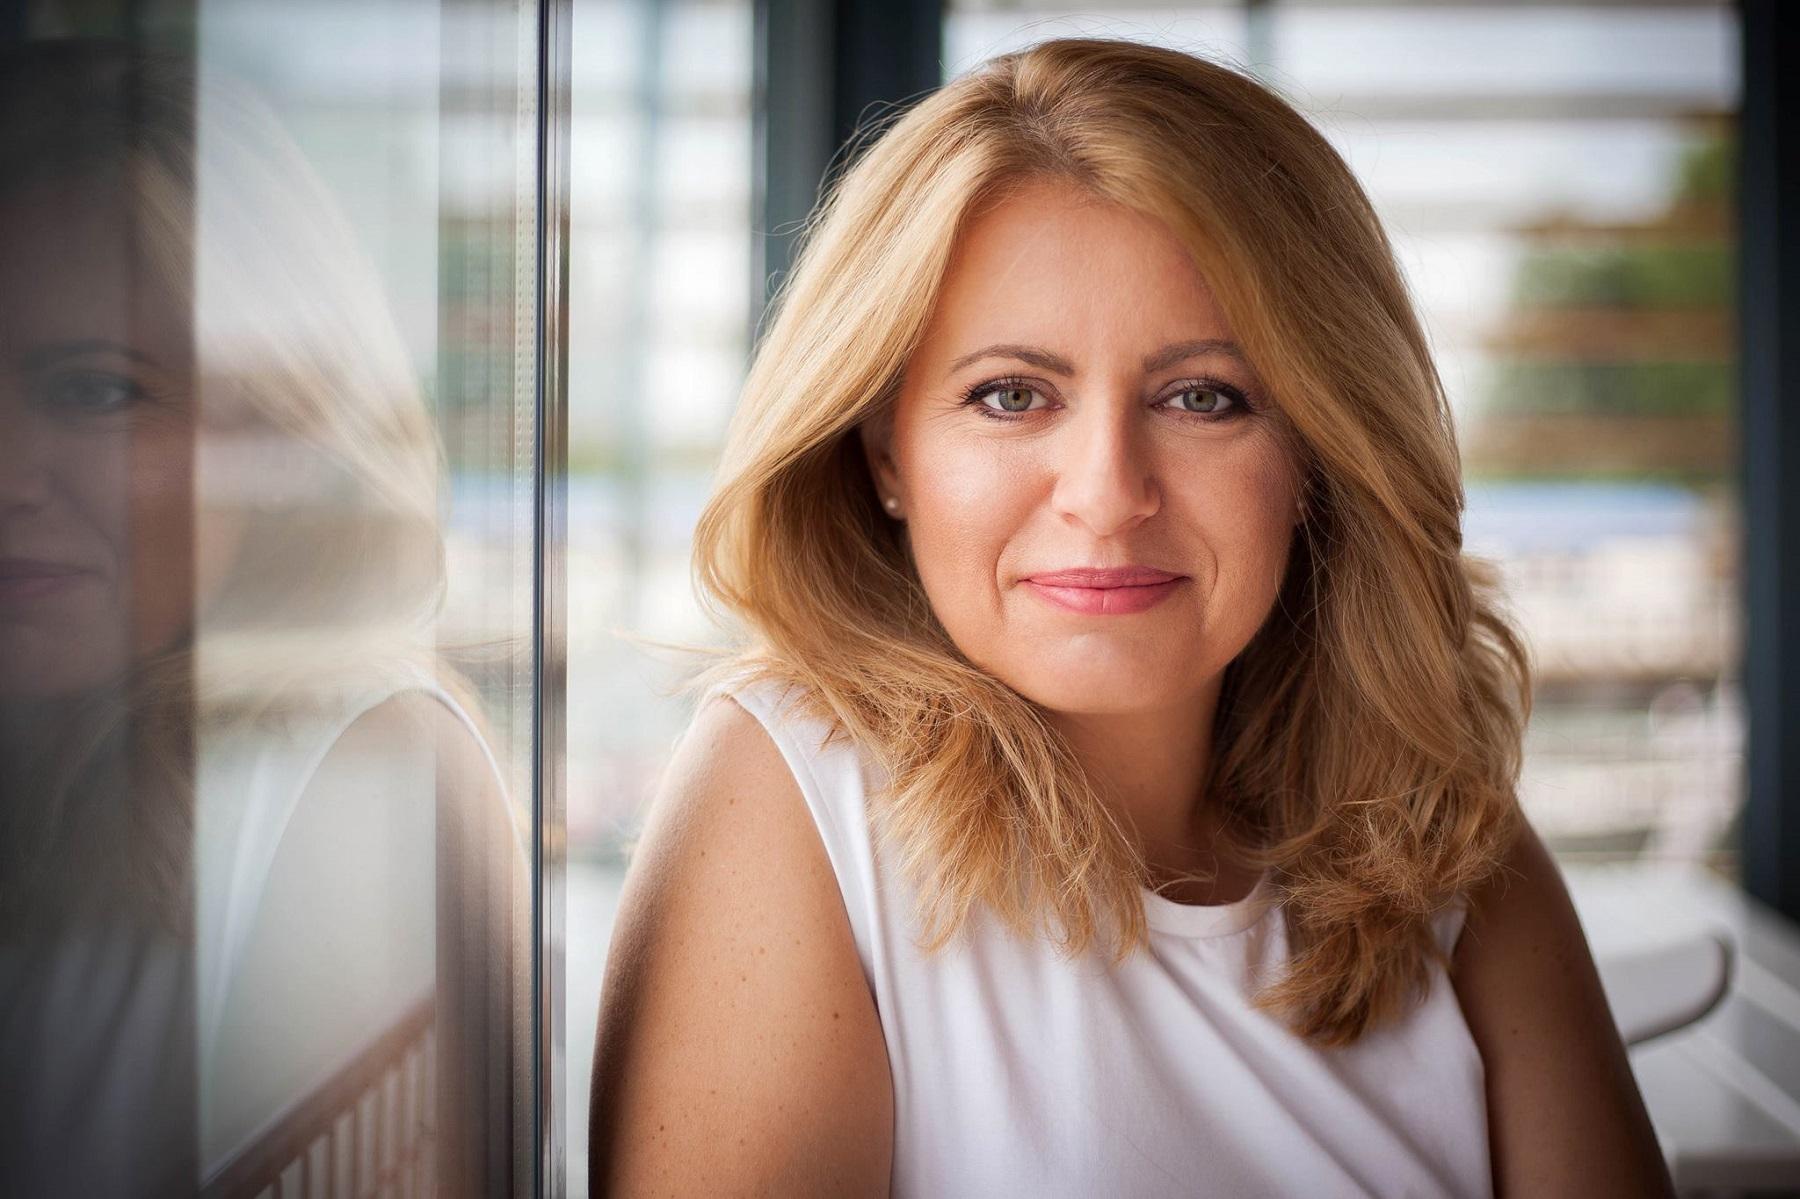 Prezidentka Zuzana Čaputová predstavila nového člena rodiny! Ľudia sú nadšení! Bude novým strážcom hlavy štátu!?